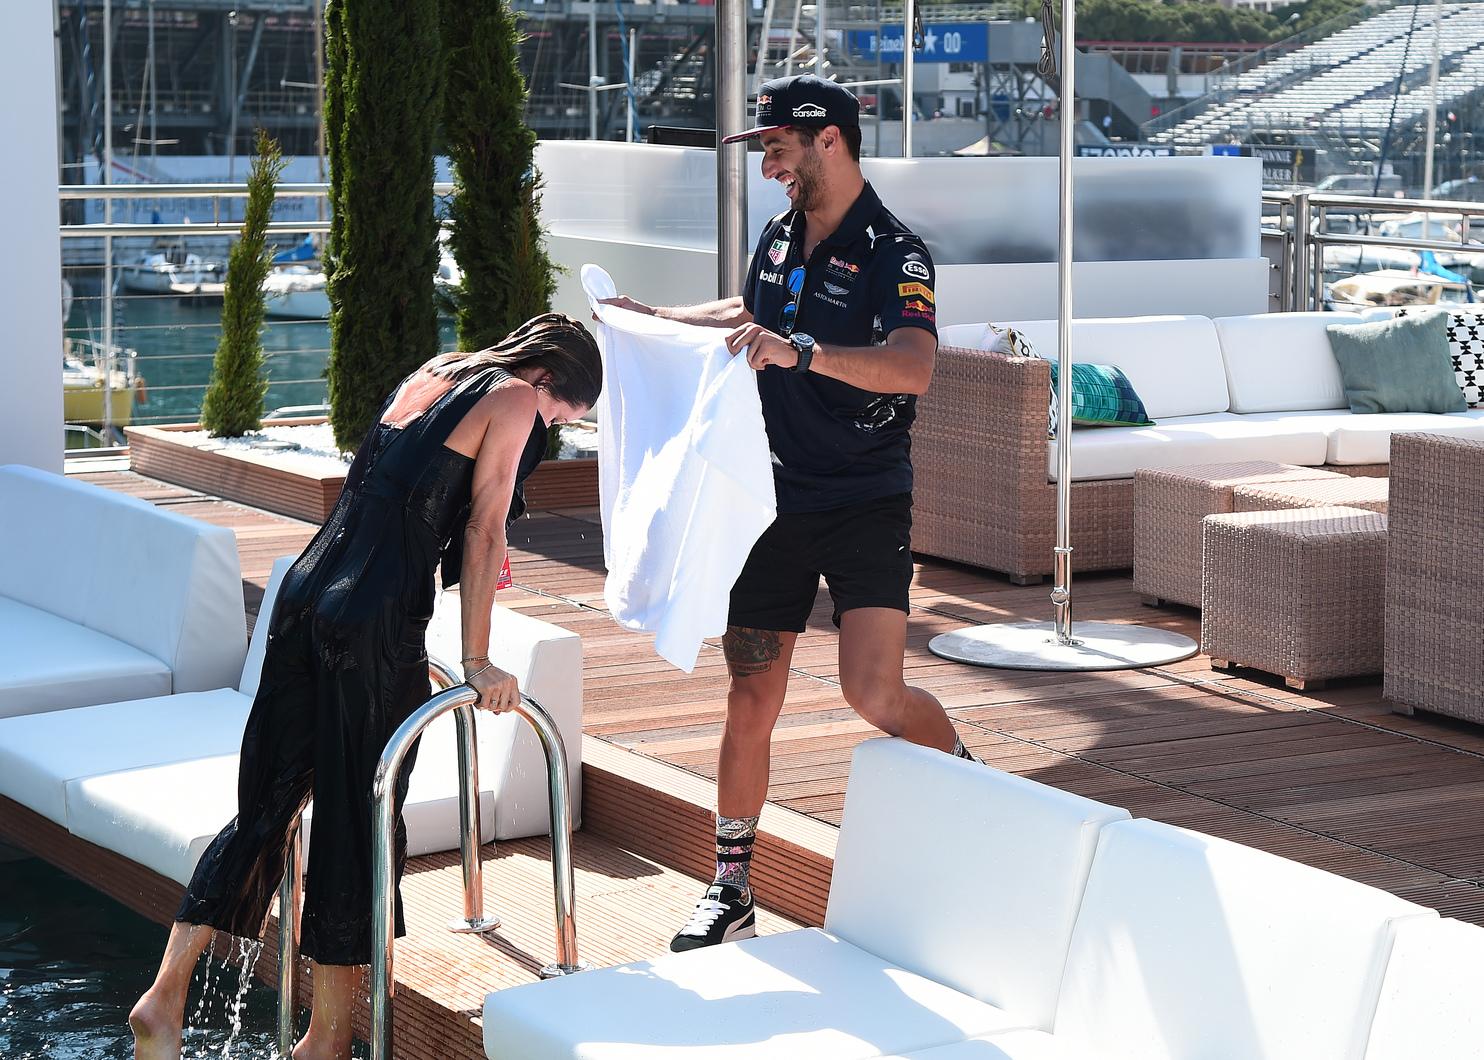 Vele készített interjút, nem úszta meg szárazon: Natalie Pinkham és Daniel Ricciardo idén Monacóban (Fotó: Red Bull)